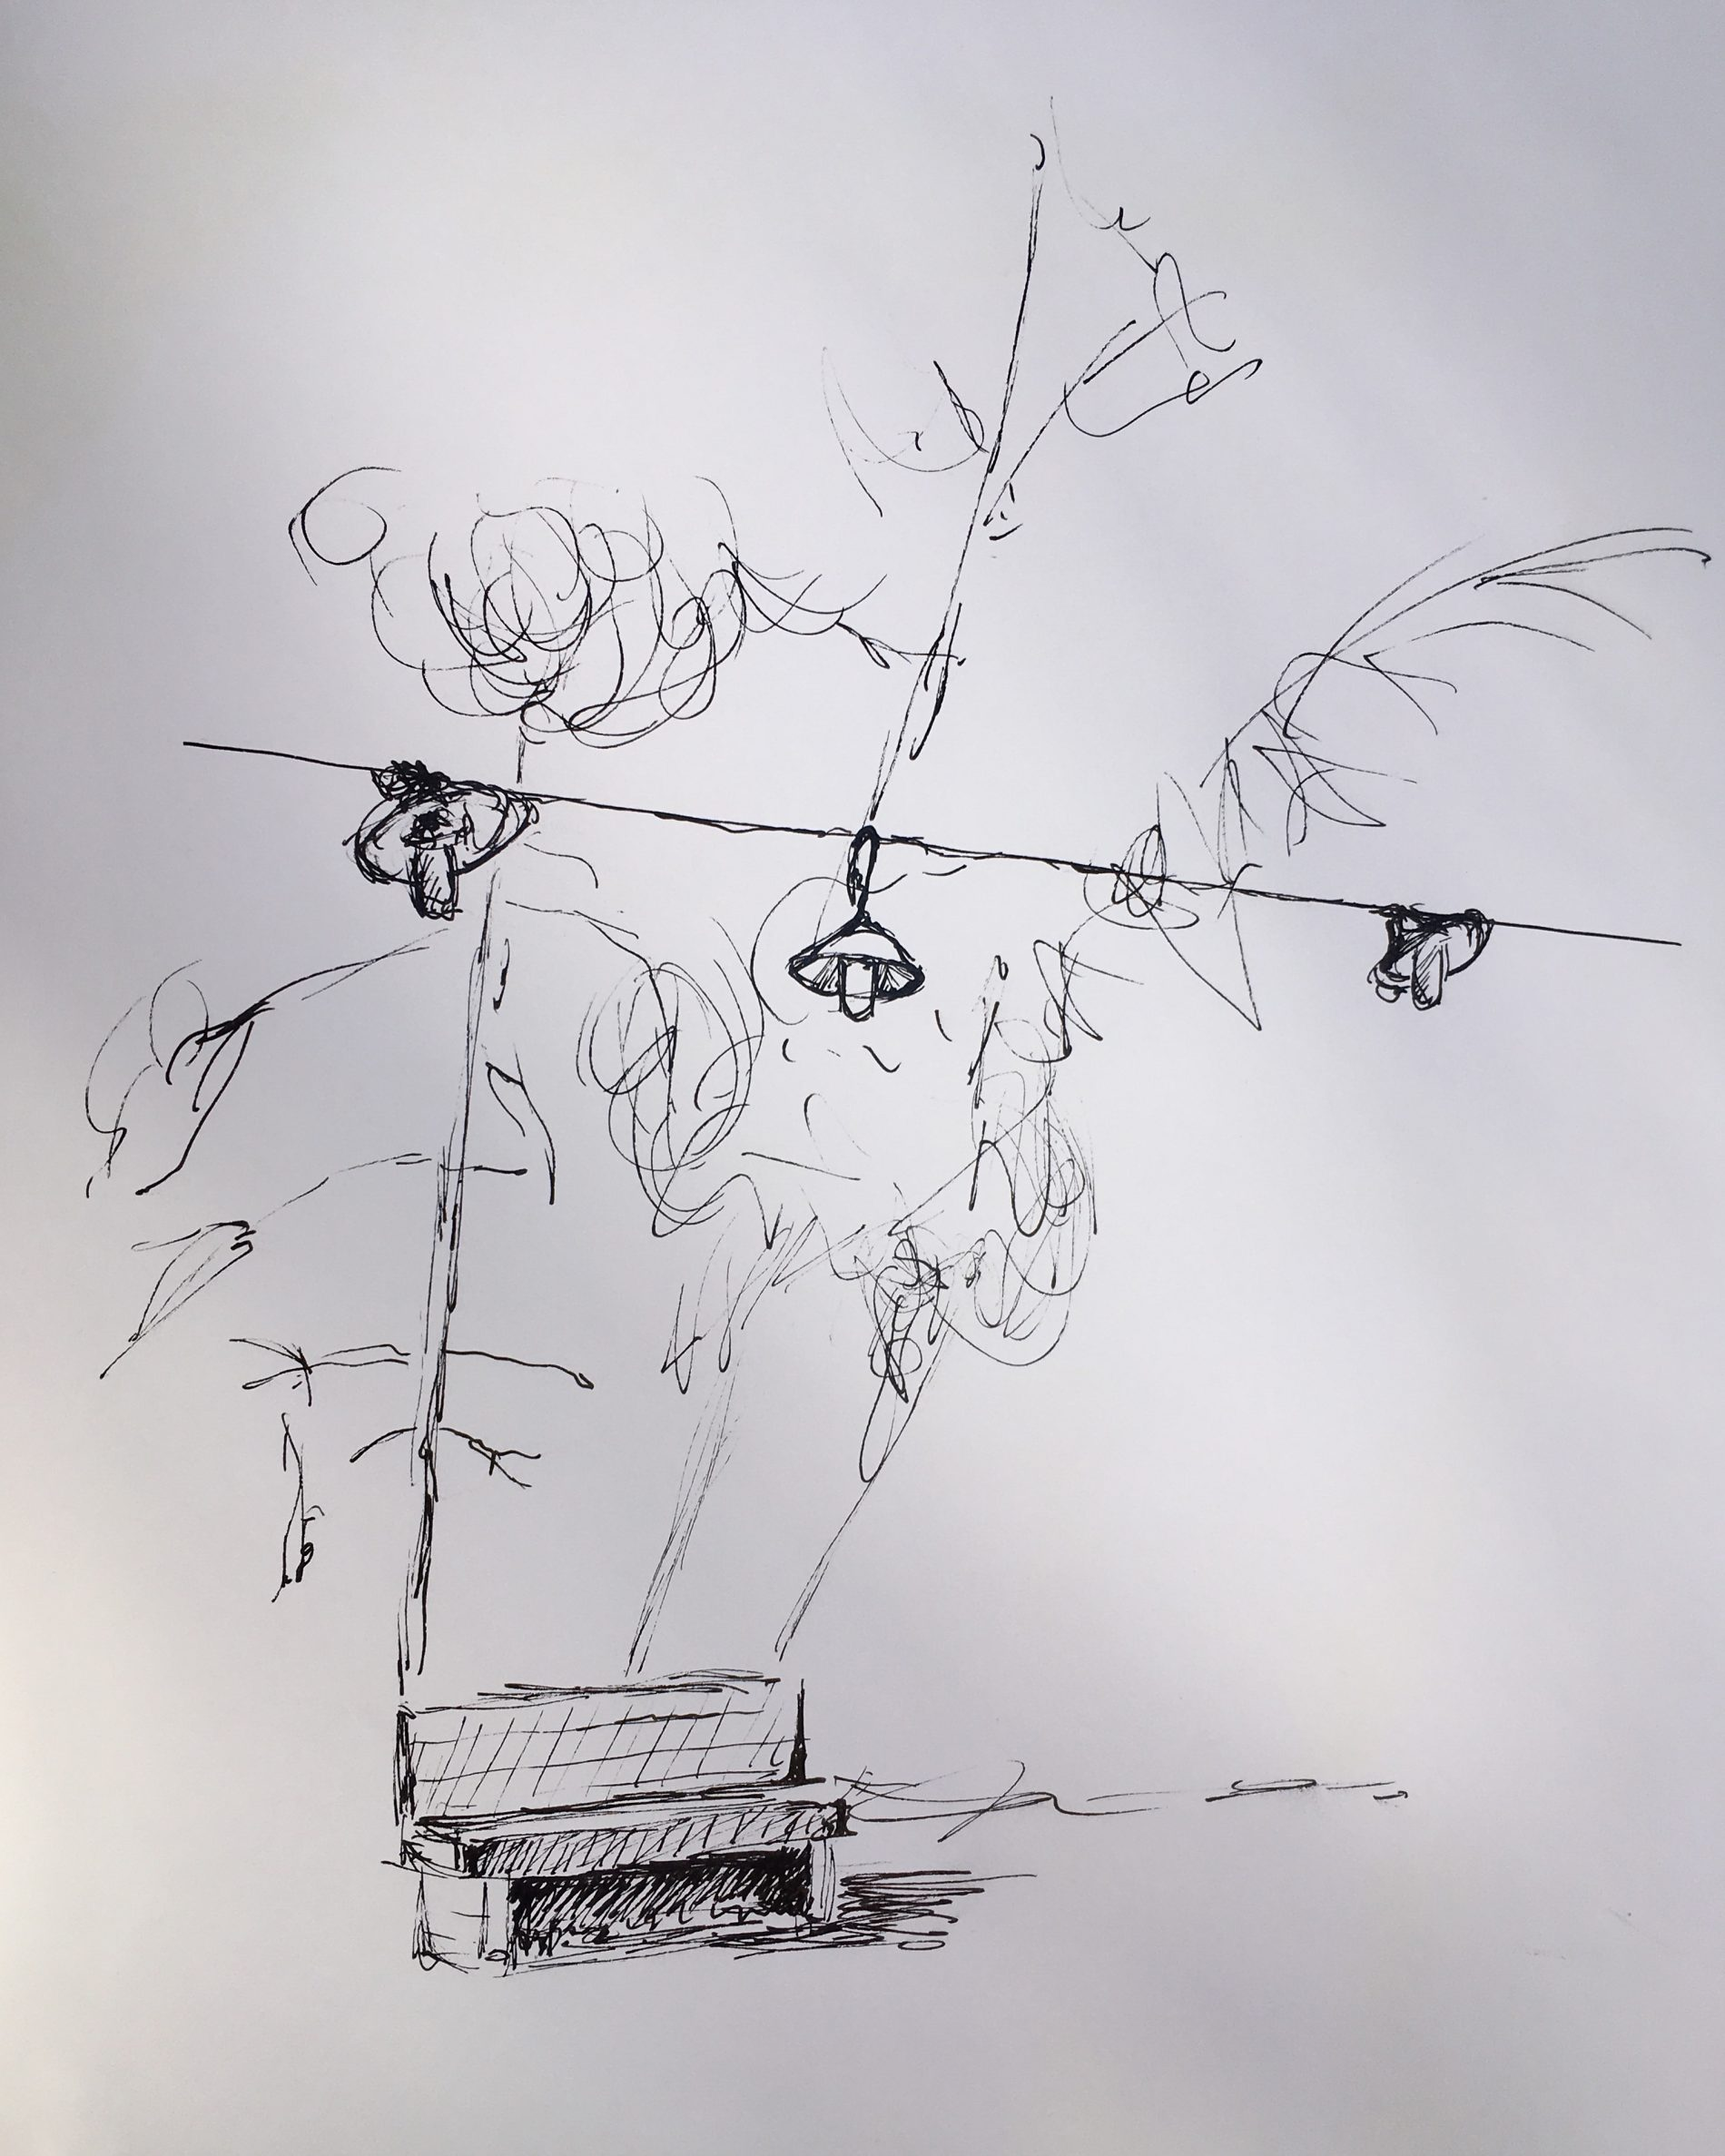 Sketch by Margit Drescher